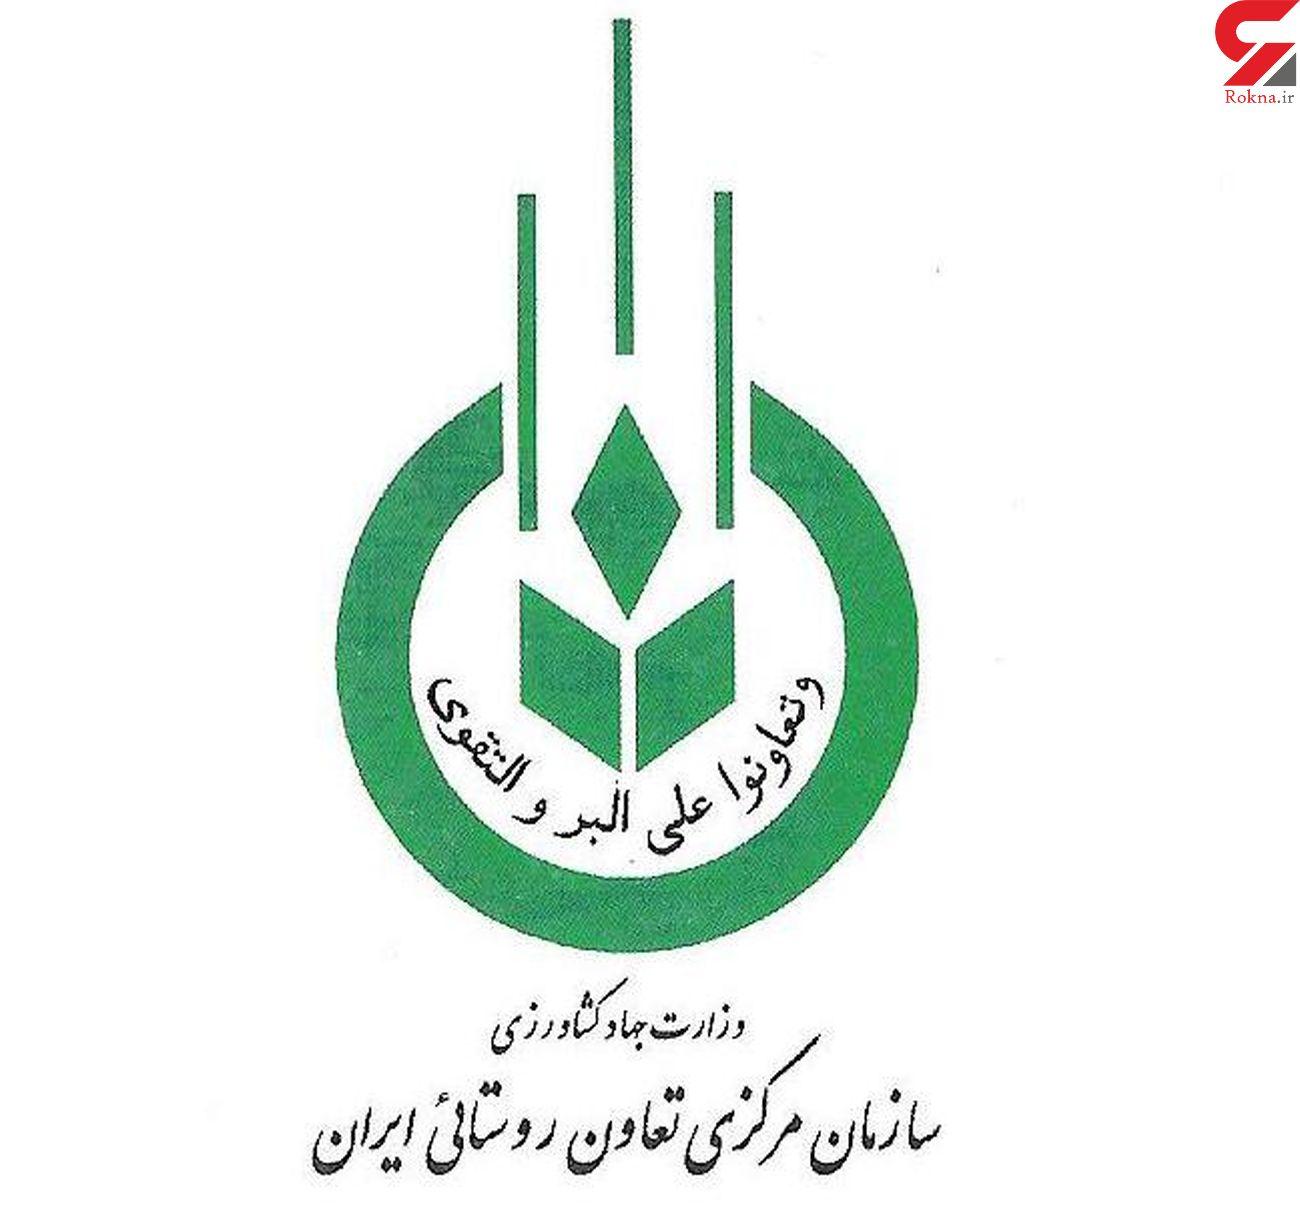 توزیع روغن خوراکی به قیمت منصوب ستاد تنظیم بازار.،توسط شرکت تعاونی روستایی استان گیلان